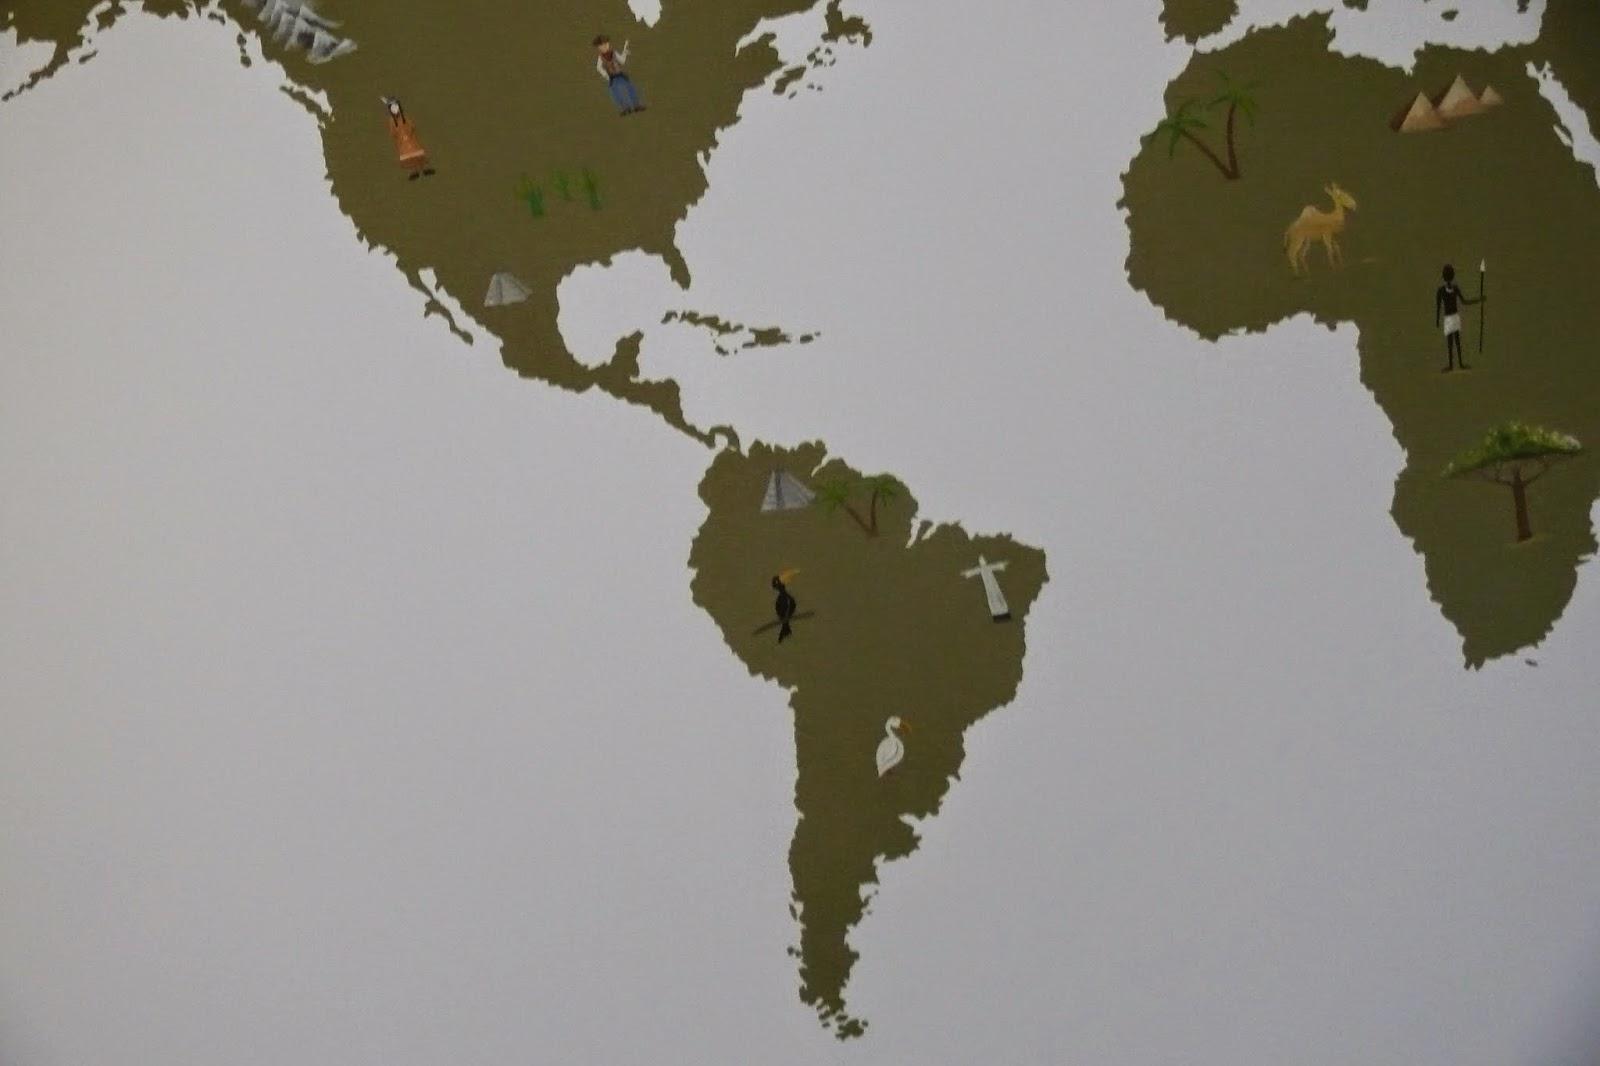 Malowanie n ścianie w pokoju dziecięcym prostej grafiki przedstawiającej mapę świata